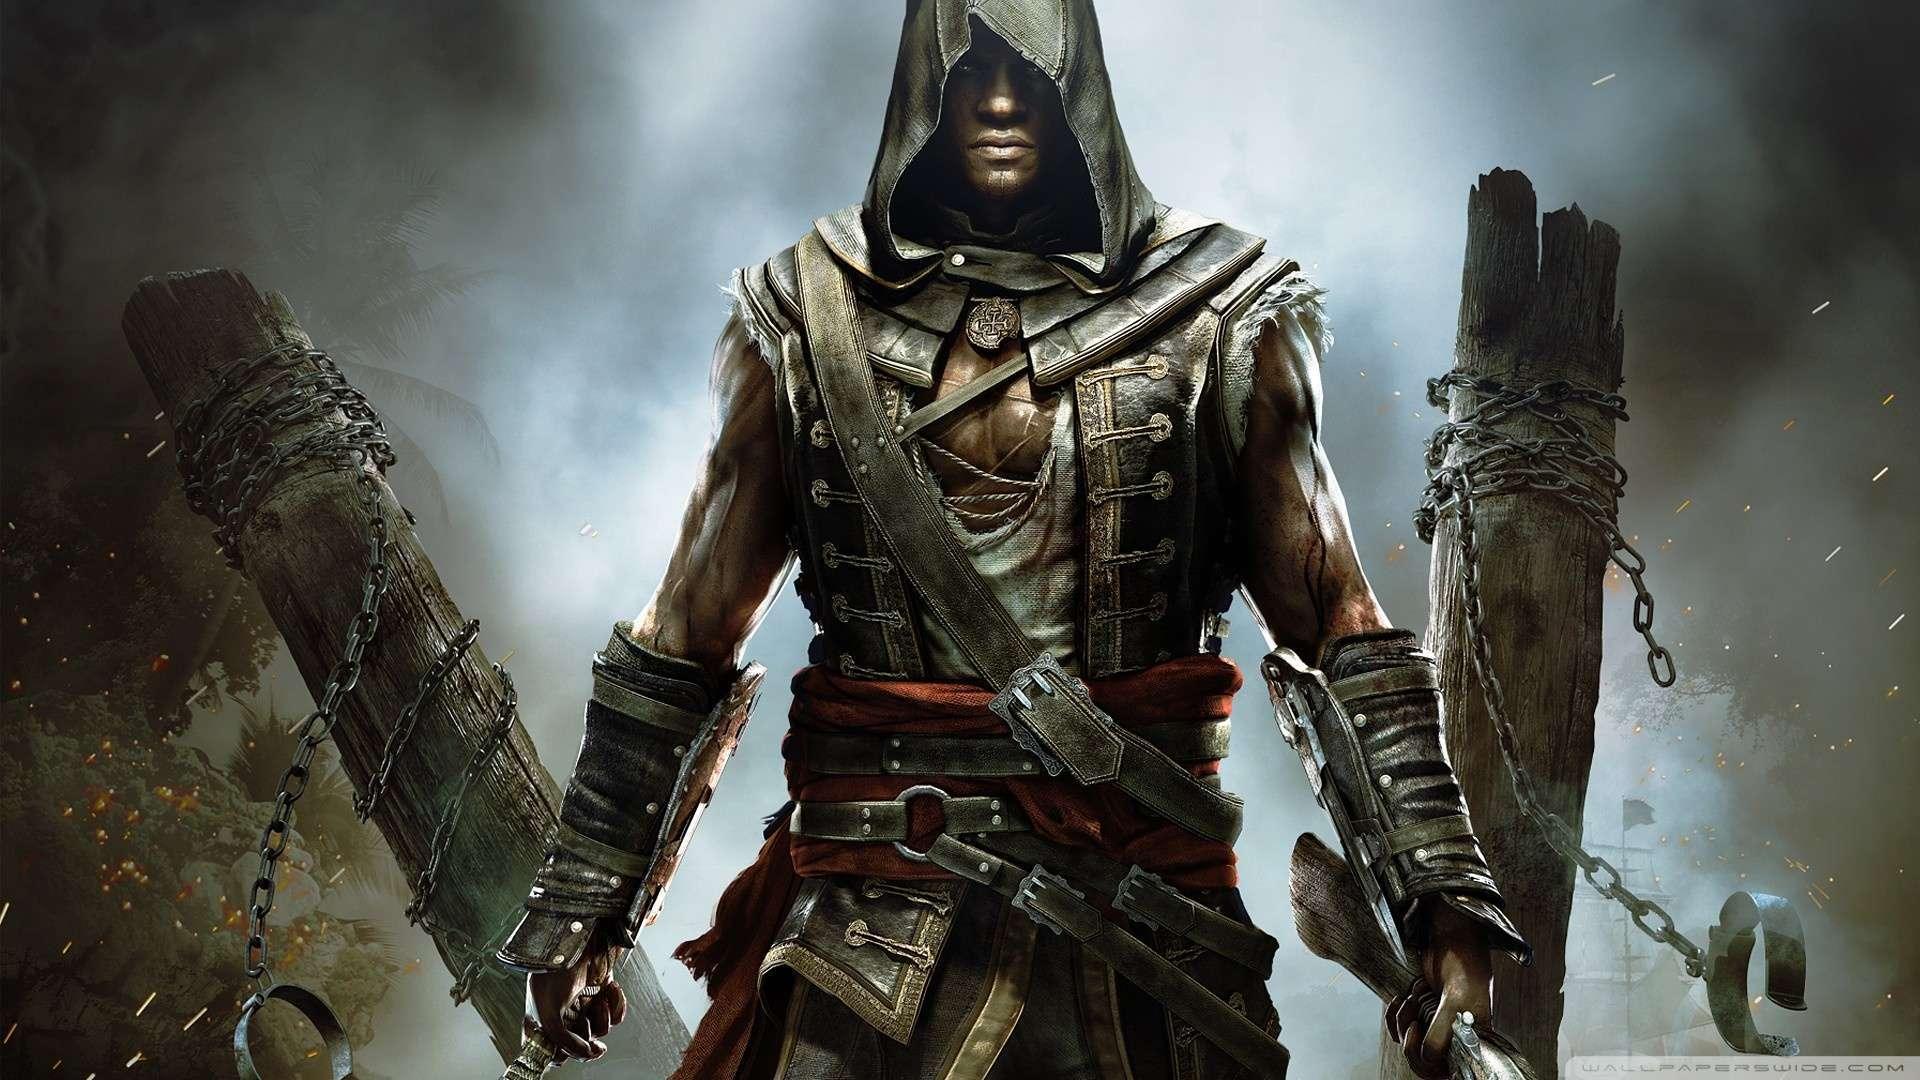 now Assassins Creed Iv Black Flag Grito De Libertad Wallpaper 1080p 1920x1080